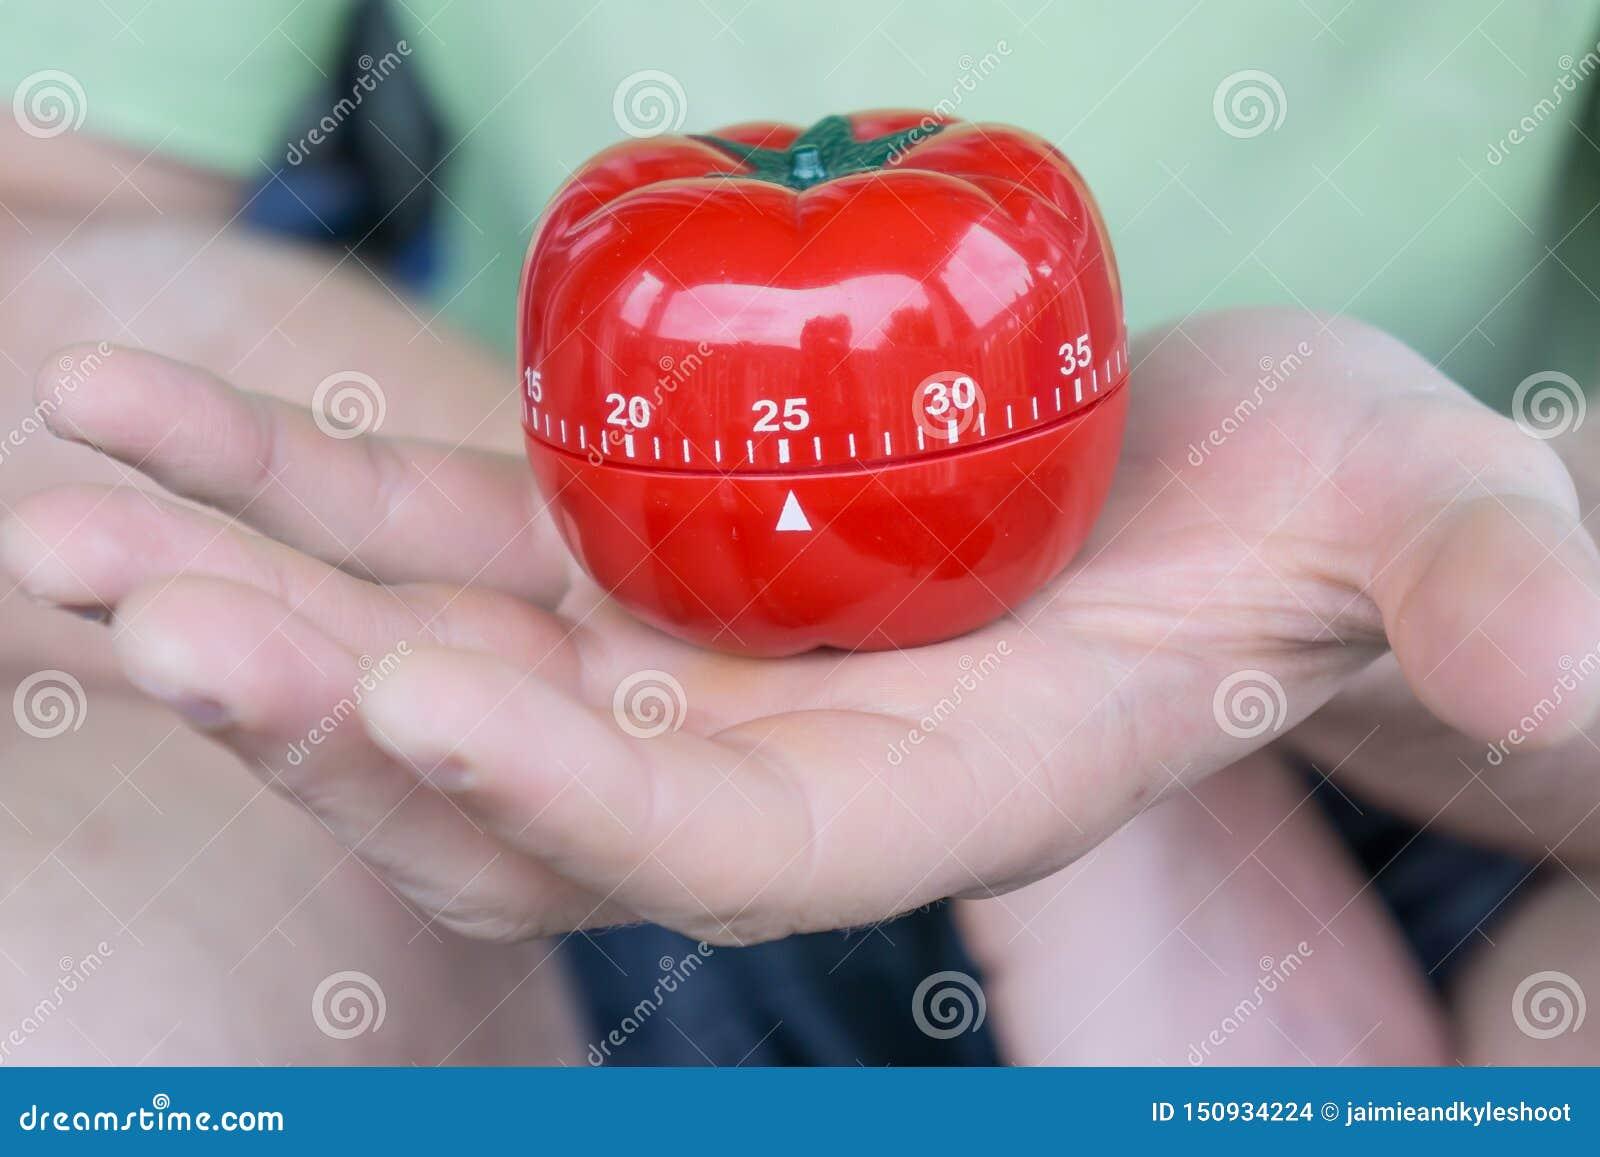 Machinalny czerwony pomidorowy kuchenny zegar ustawiający 25 jeden otwartą ręką, trzymający